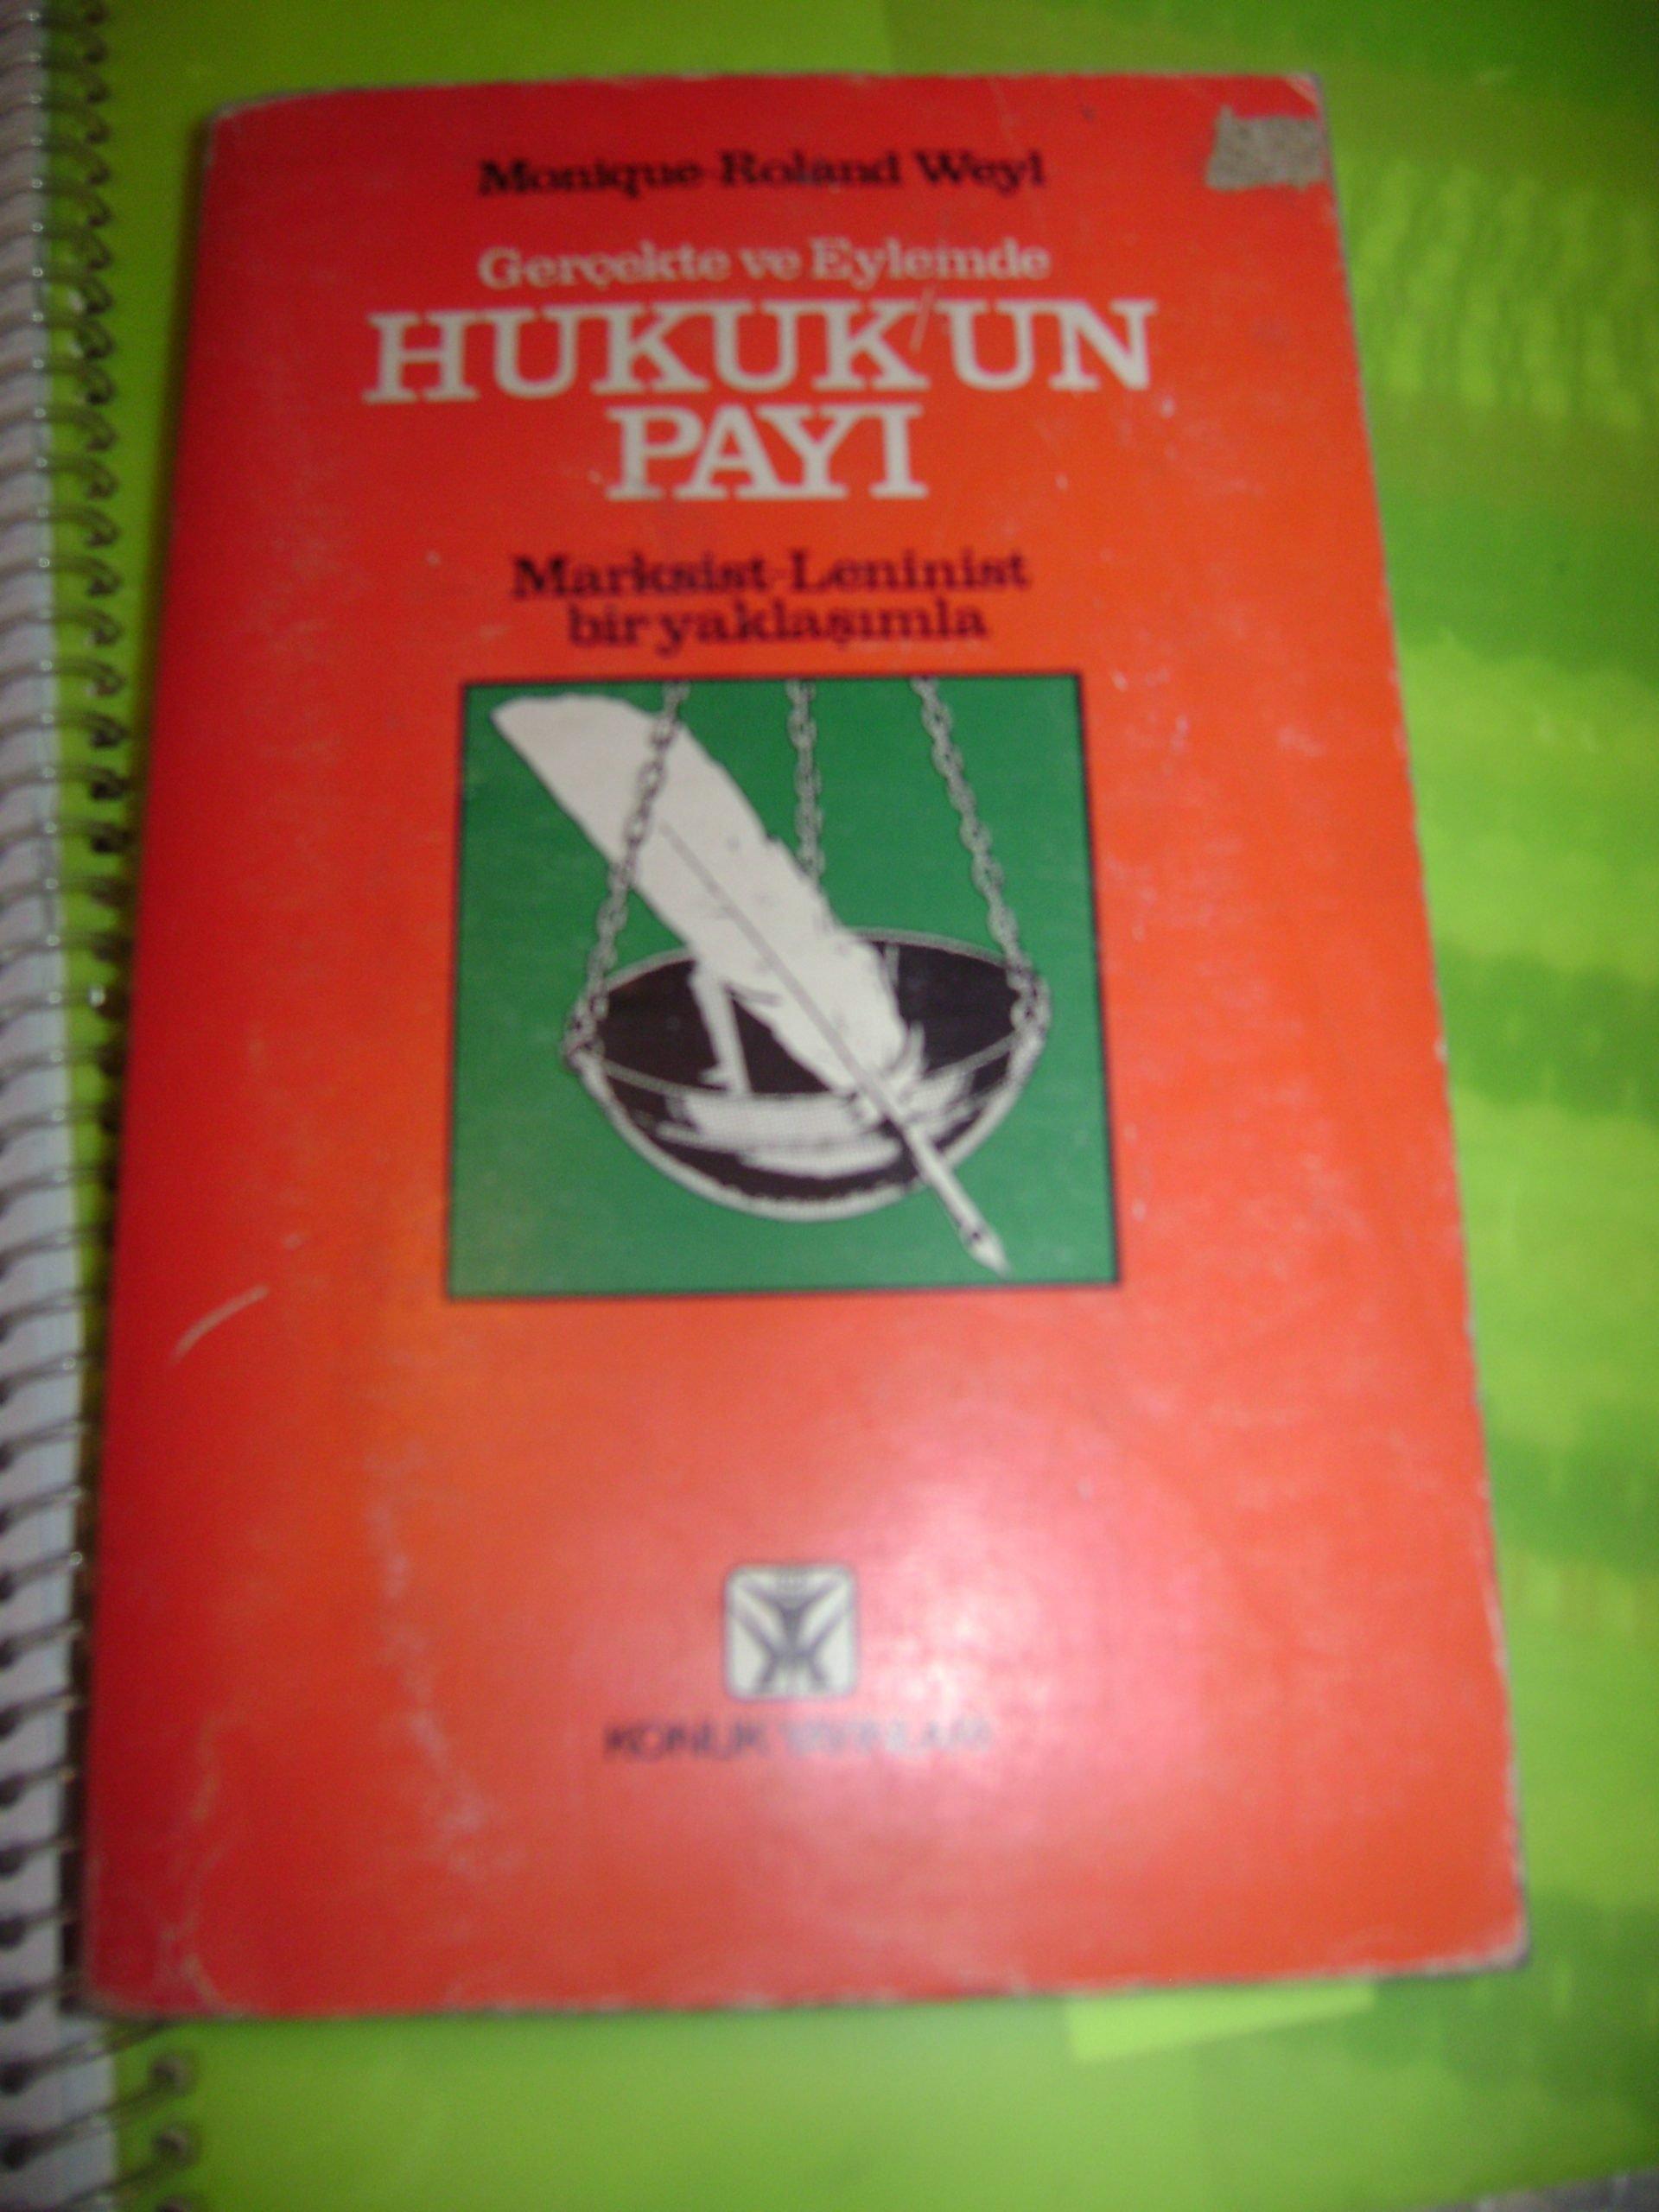 Gerçekte ve eylemde HUKUKUN PAYI(Marksist Leninist yaklaşımla)/Monigueo R.Weyl/ 10 TL